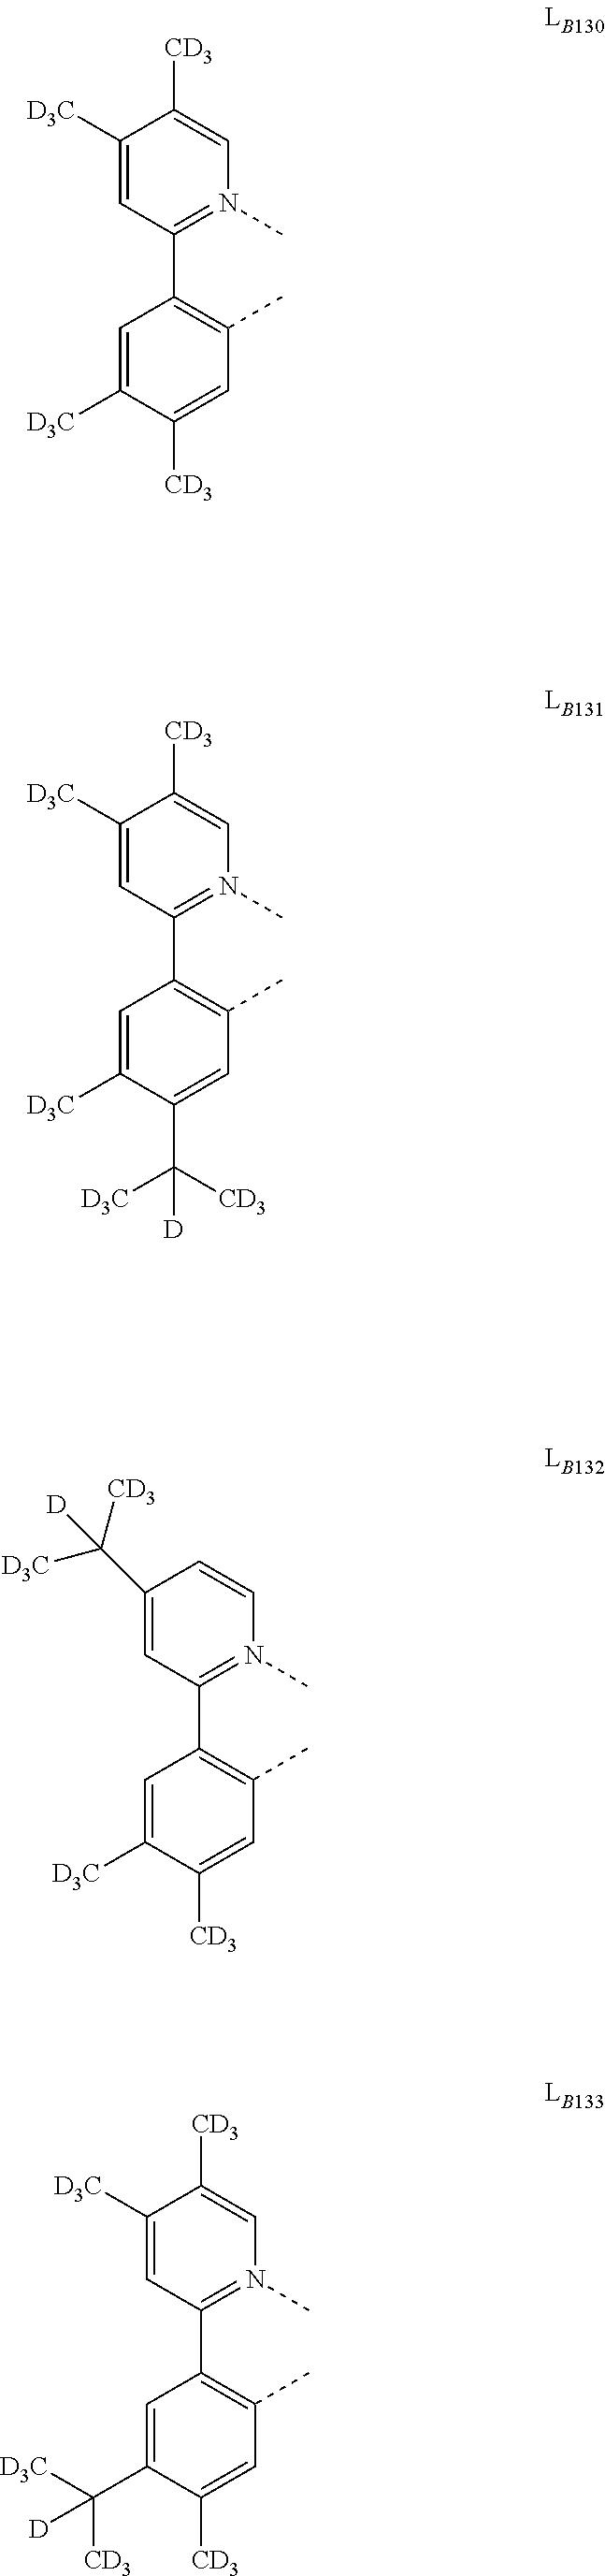 Figure US09929360-20180327-C00064